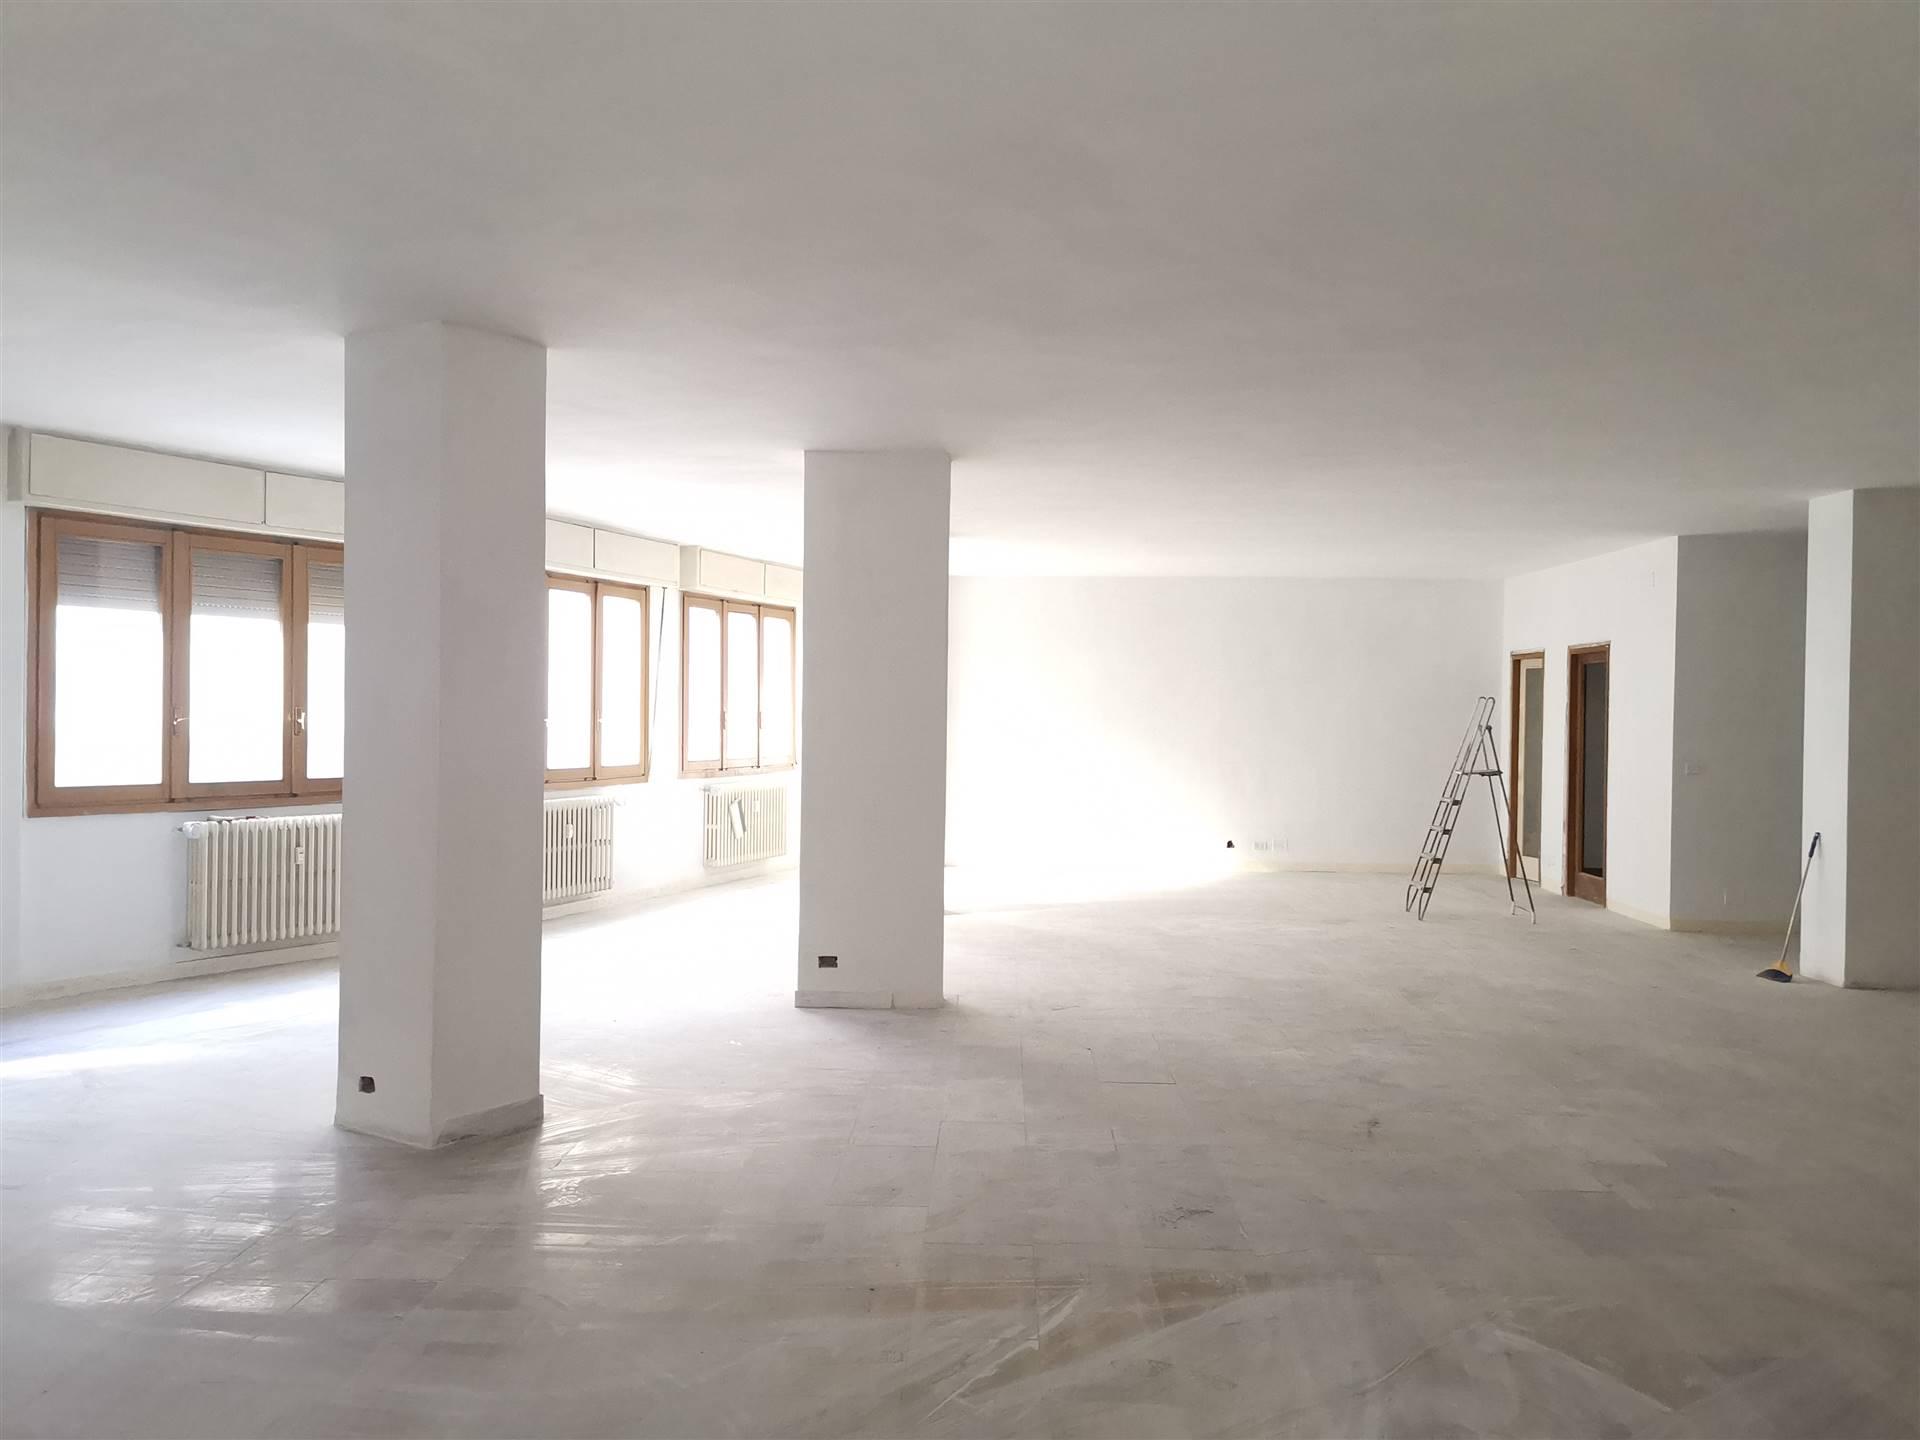 Ufficio / Studio in vendita a Sondrio, 4 locali, zona Località: CENTRO, prezzo € 115.000 | PortaleAgenzieImmobiliari.it